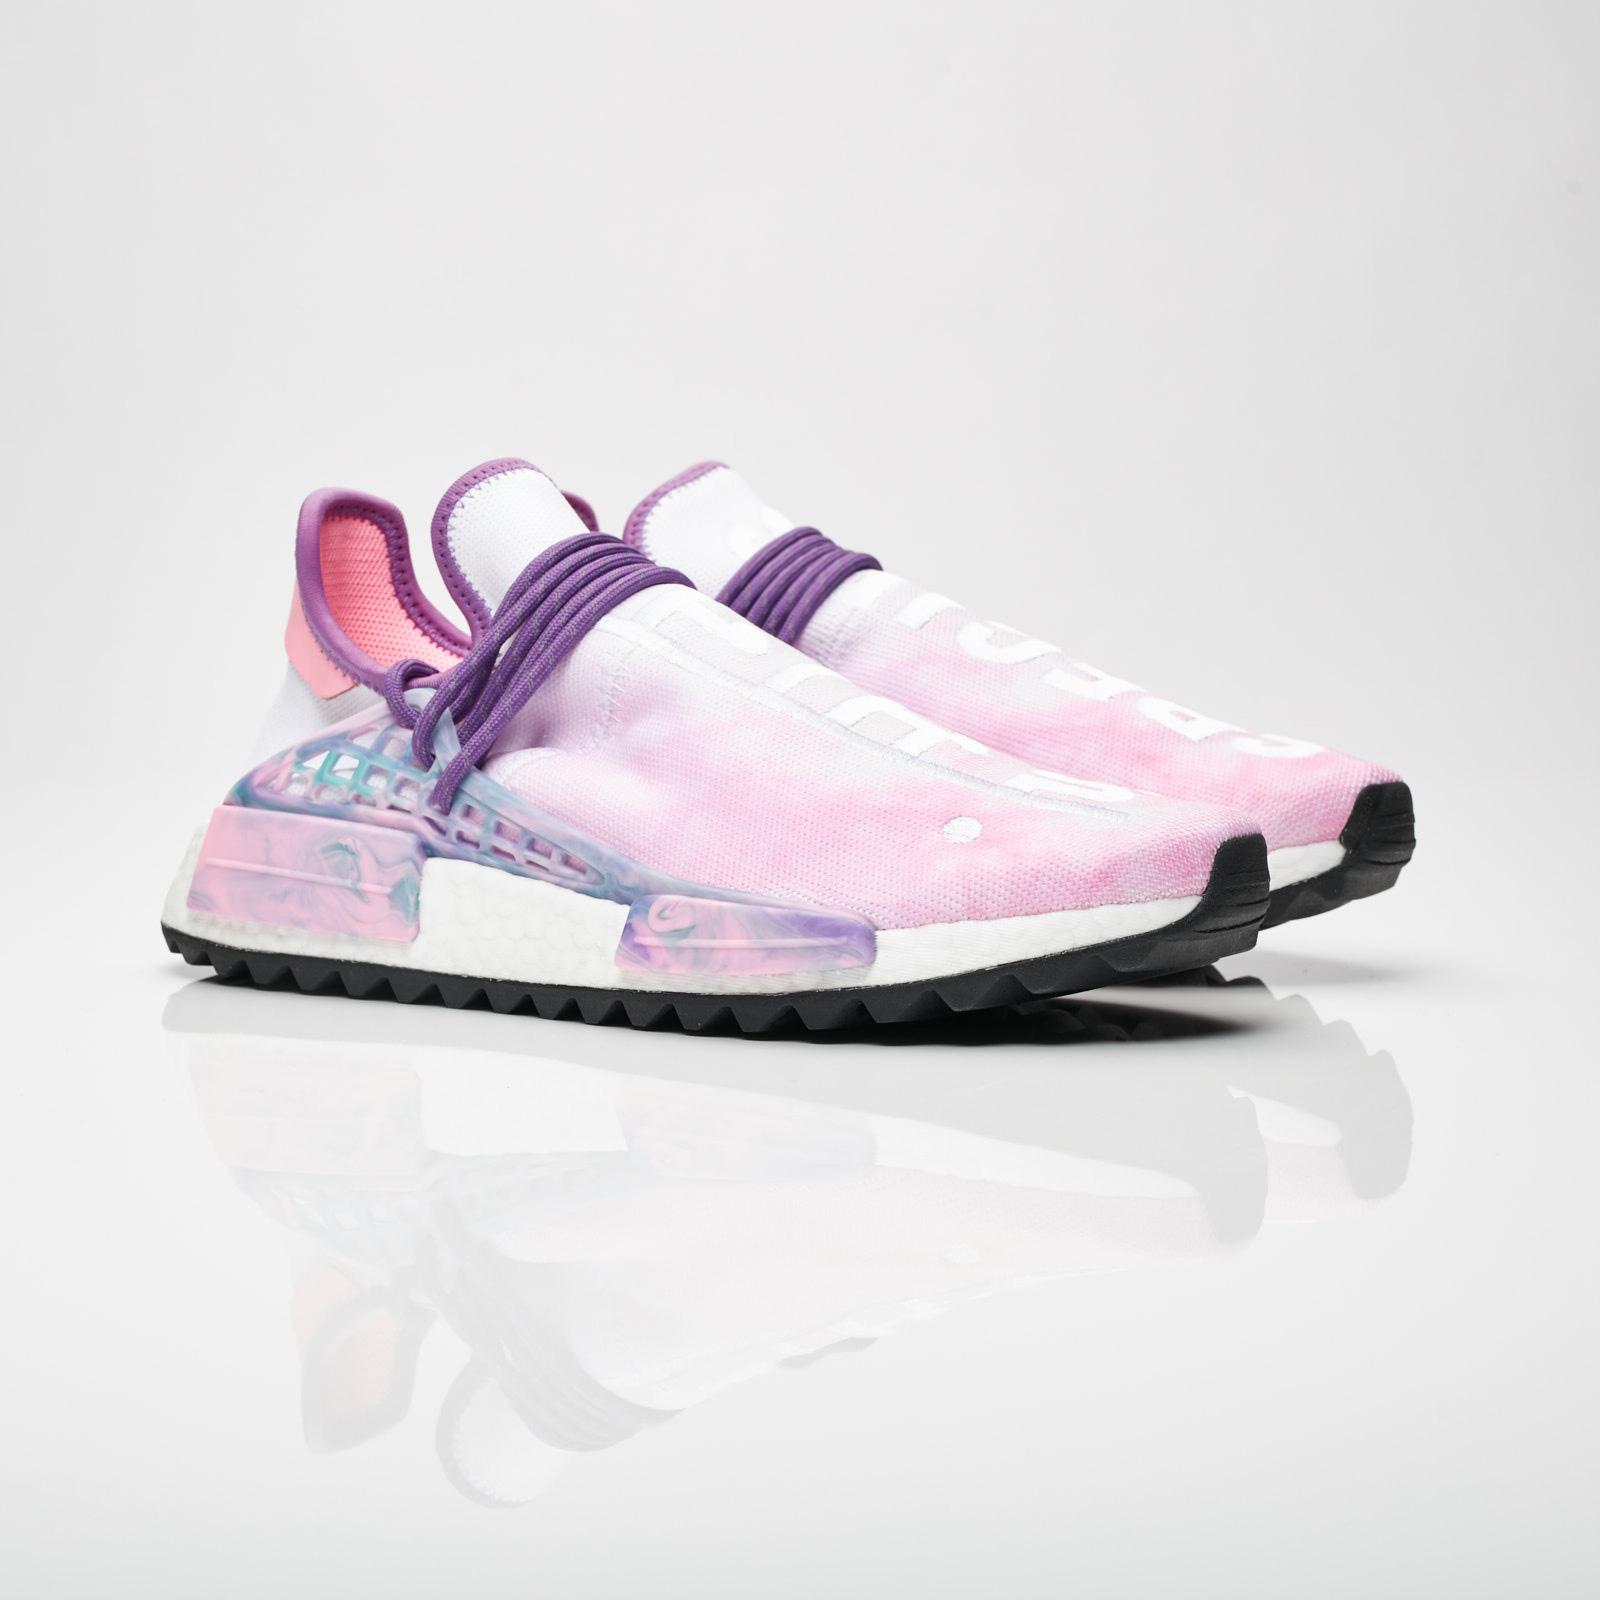 adidas Pharrell Williams HU Holi NMD MC - Ac7362 - Sneakersnstuff ... ed3694eef